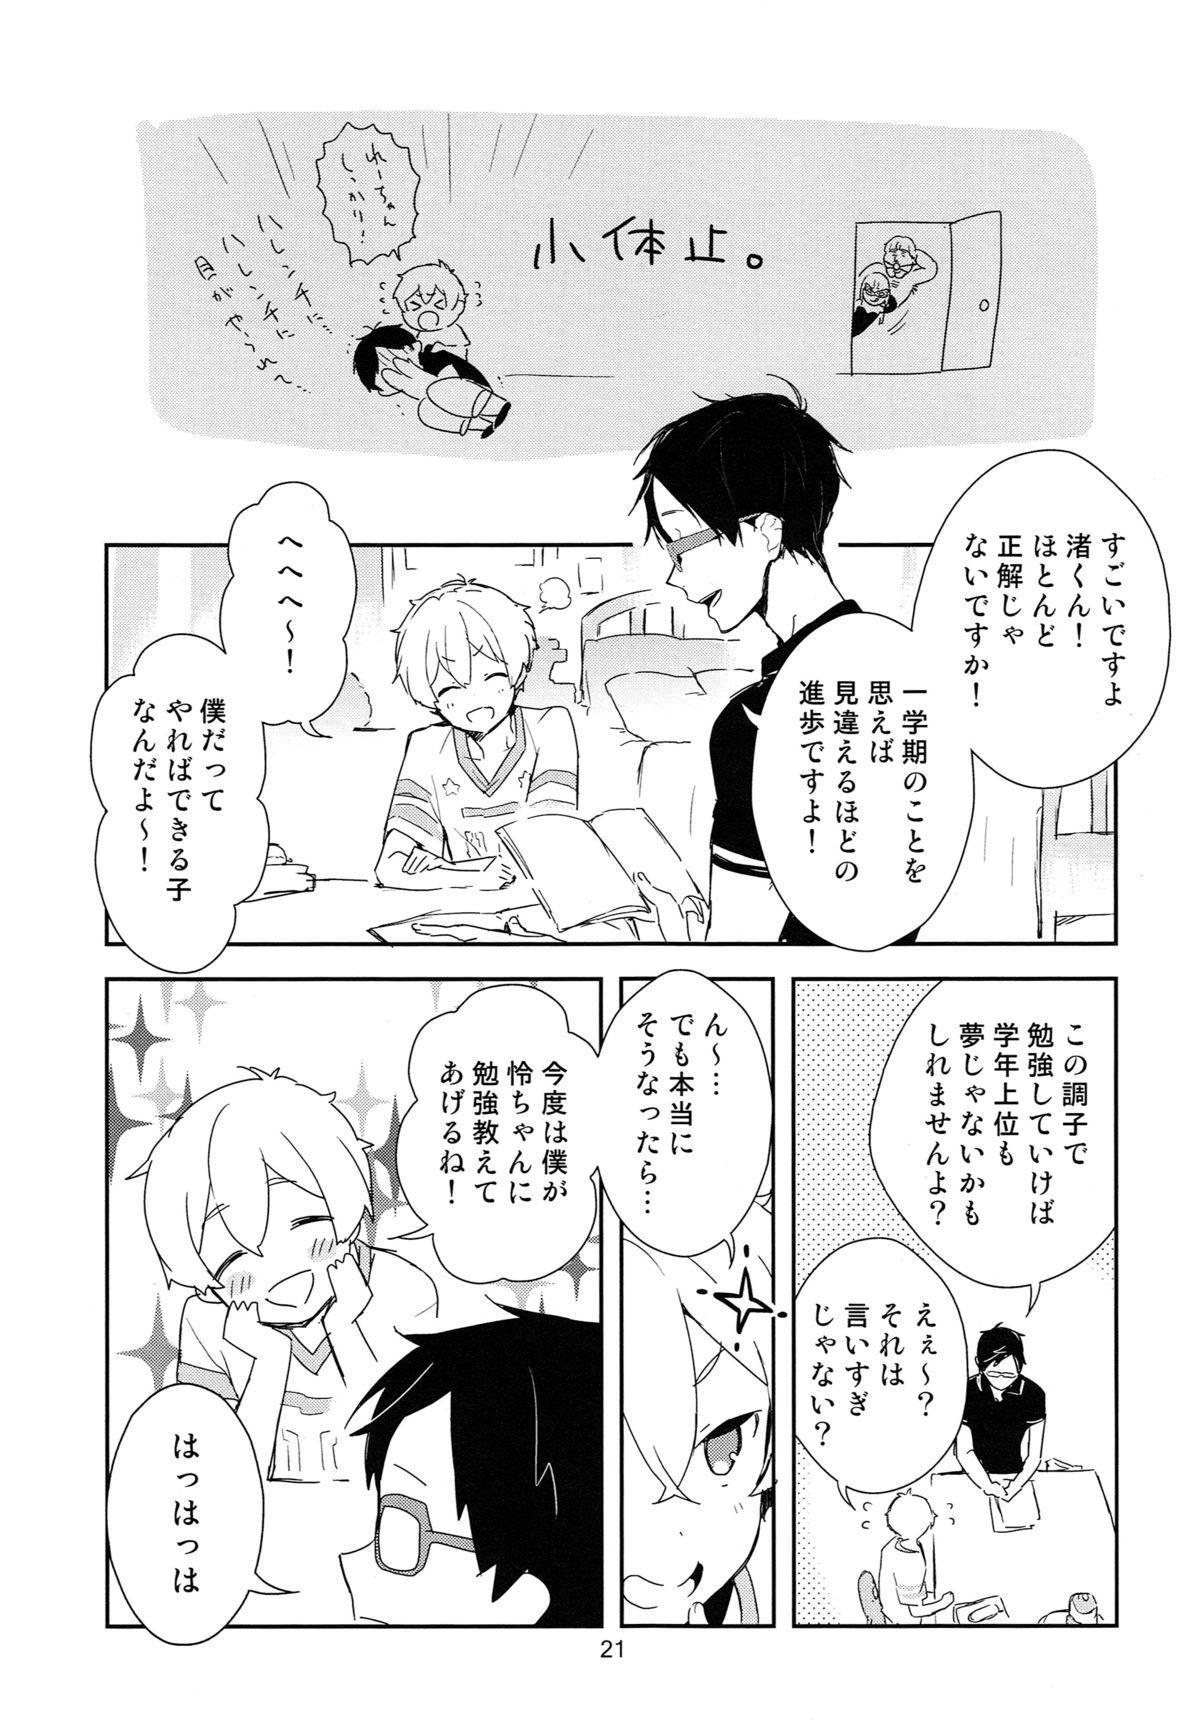 Ryuugazaki nanigashi wa seiyoku wo moteamashite iru. 20